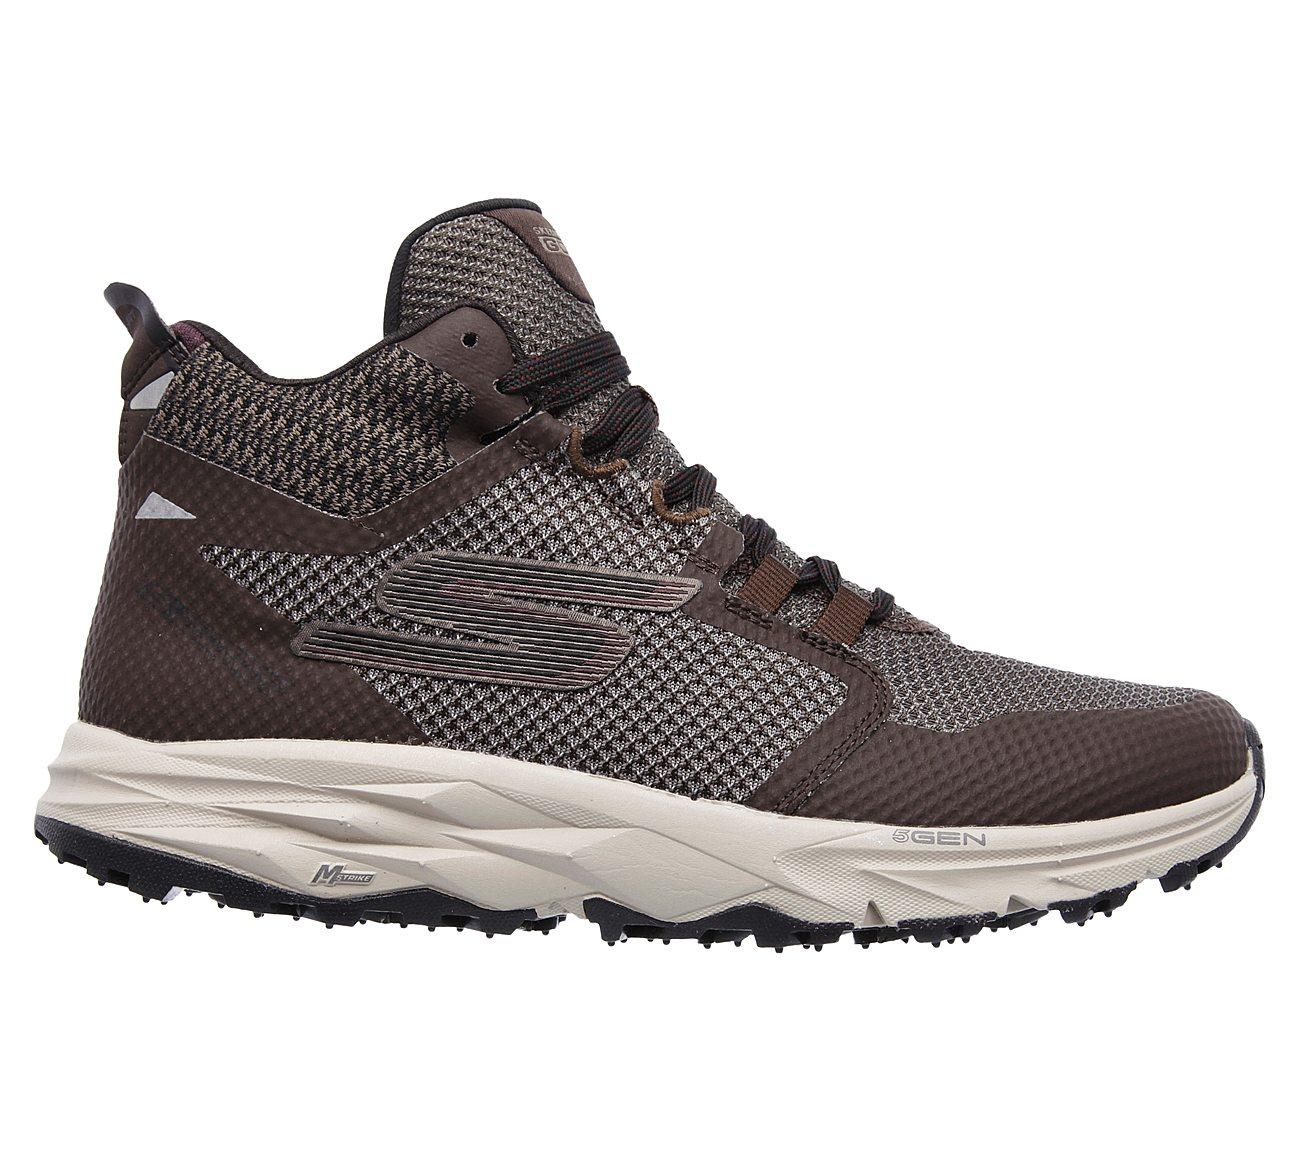 Skechers Women's Go Trail 2 - Grip Hiking Shoe